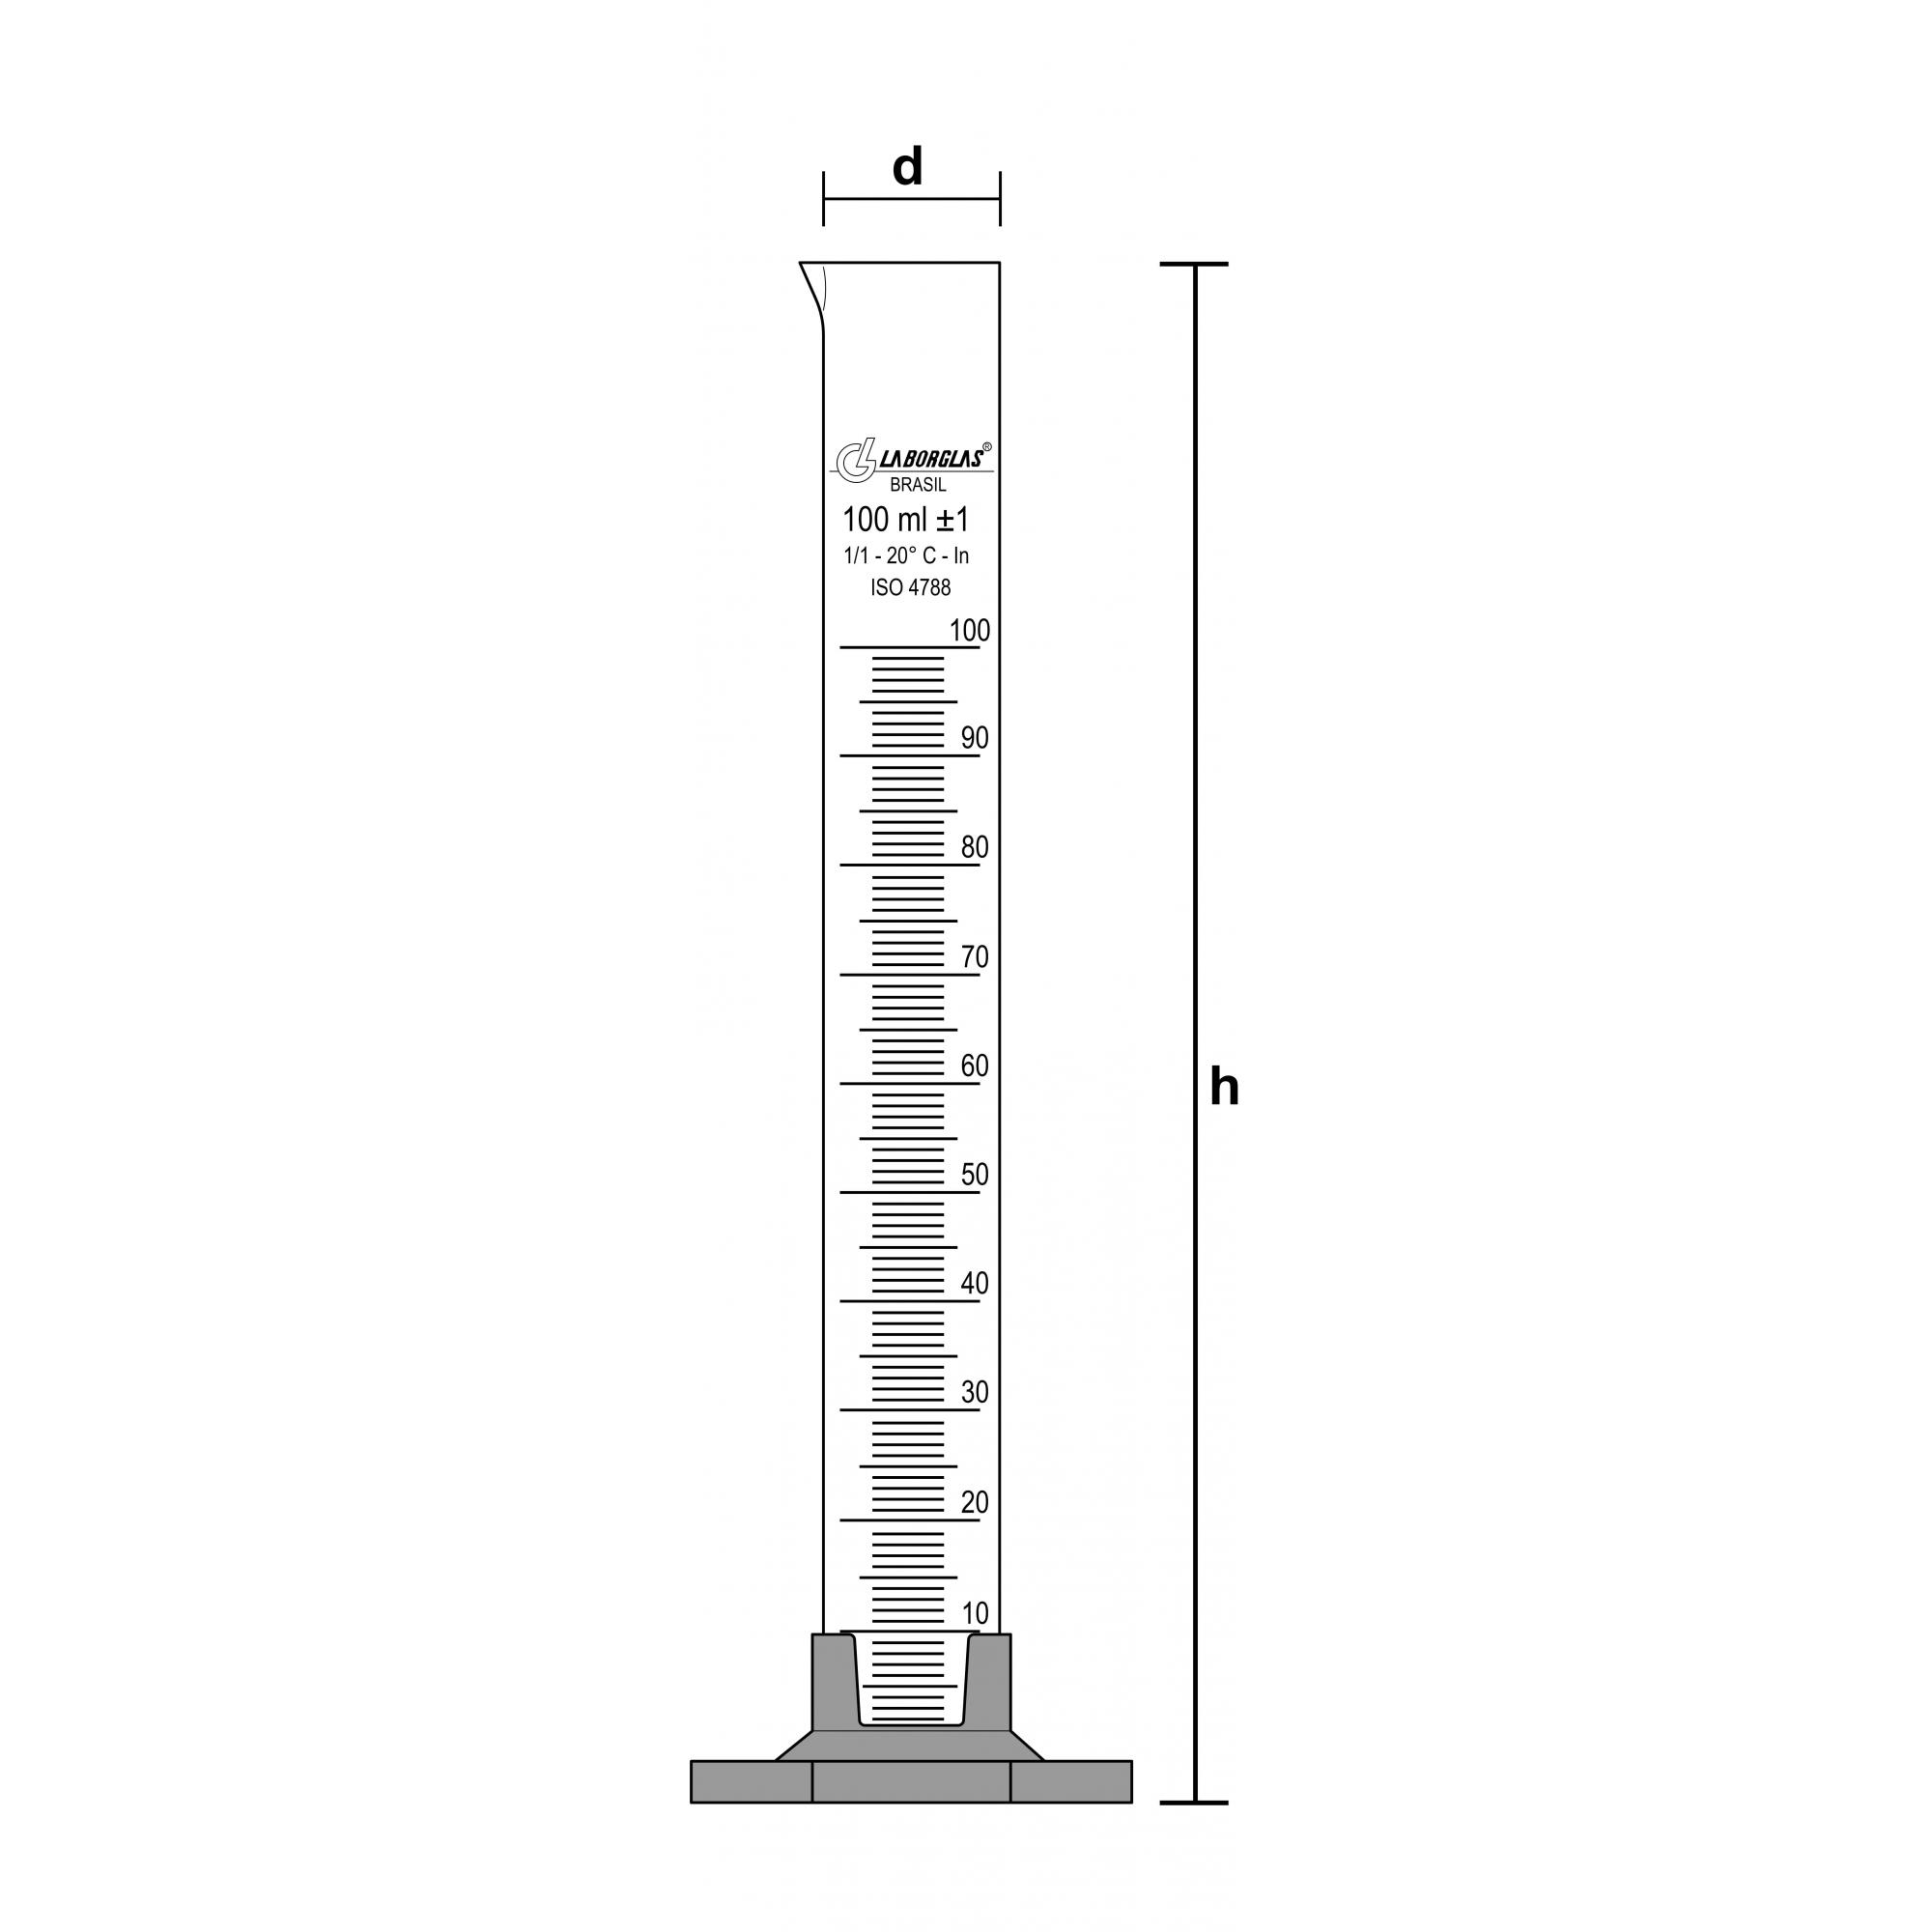 PROVETA GRADUADA BASE HEXAGONAL DE POLIPROPILENO 25 ML CERTIFICADO RBC - Laborglas - Cód. 9138614-R